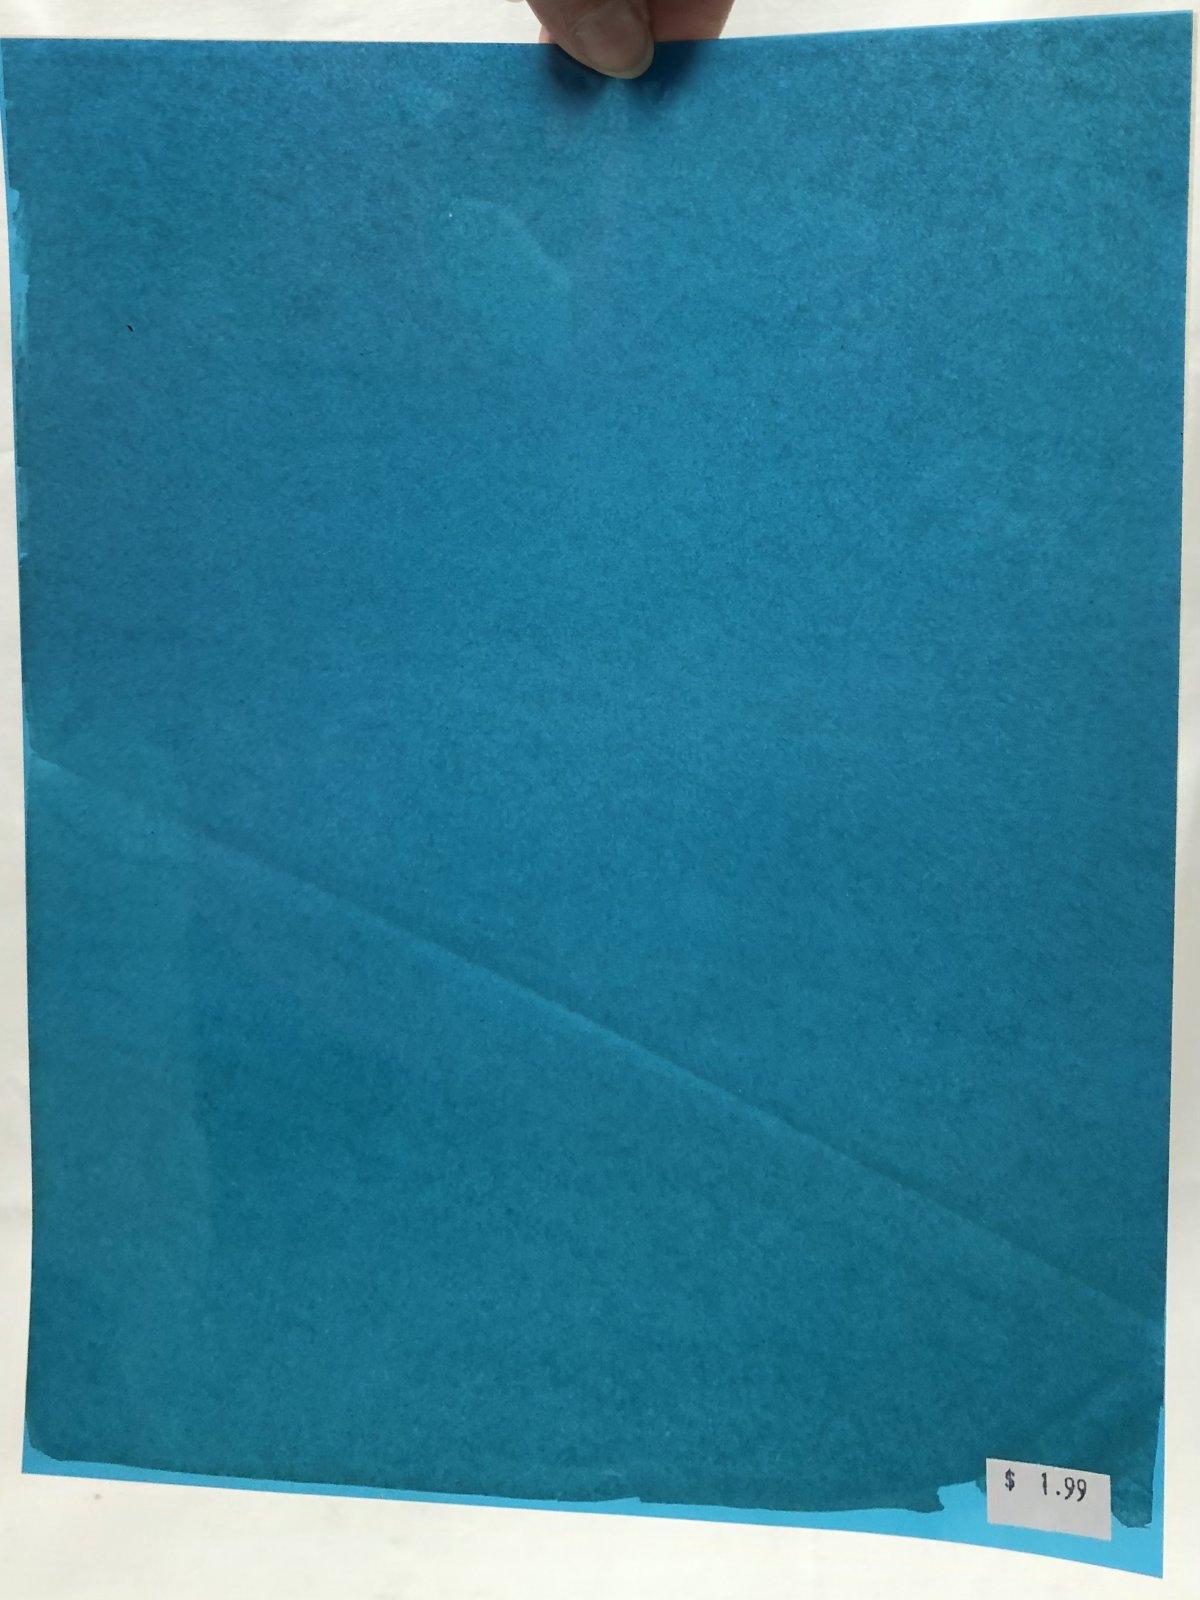 Acrylic Sheeting - Blue